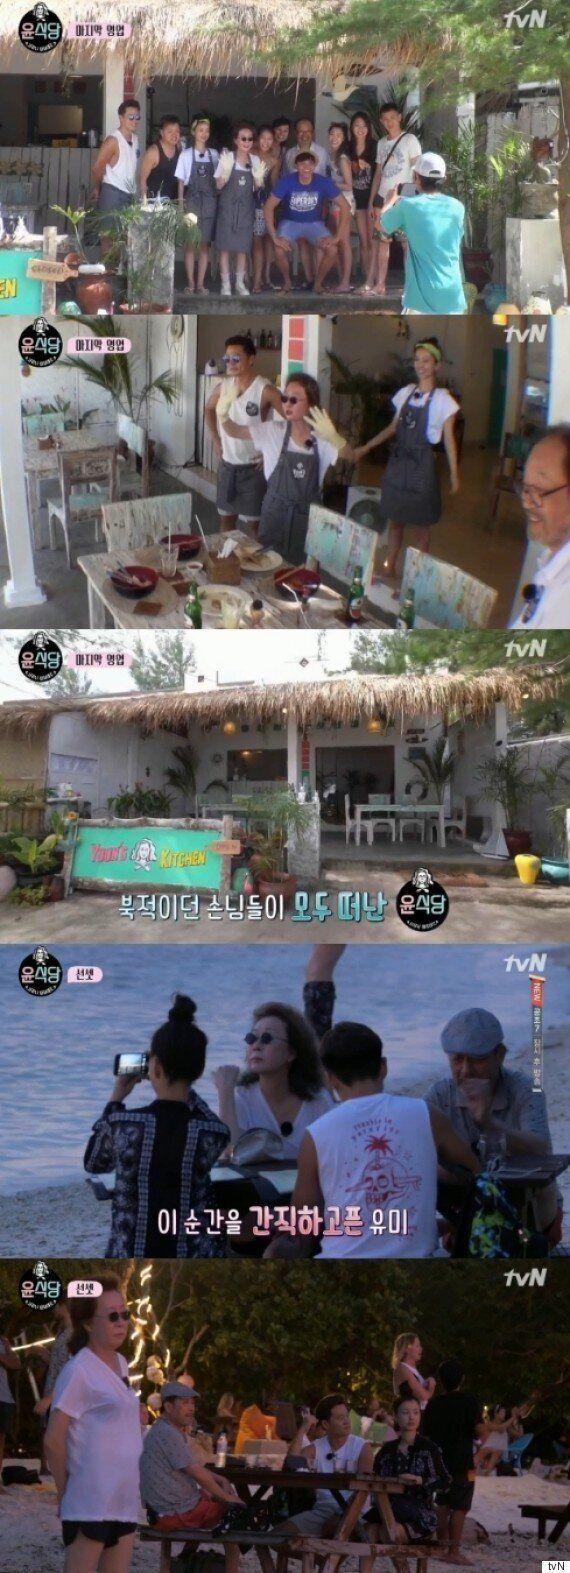 '윤식당' 영업종료, 윤여정이 쓴 아름다운 드라마